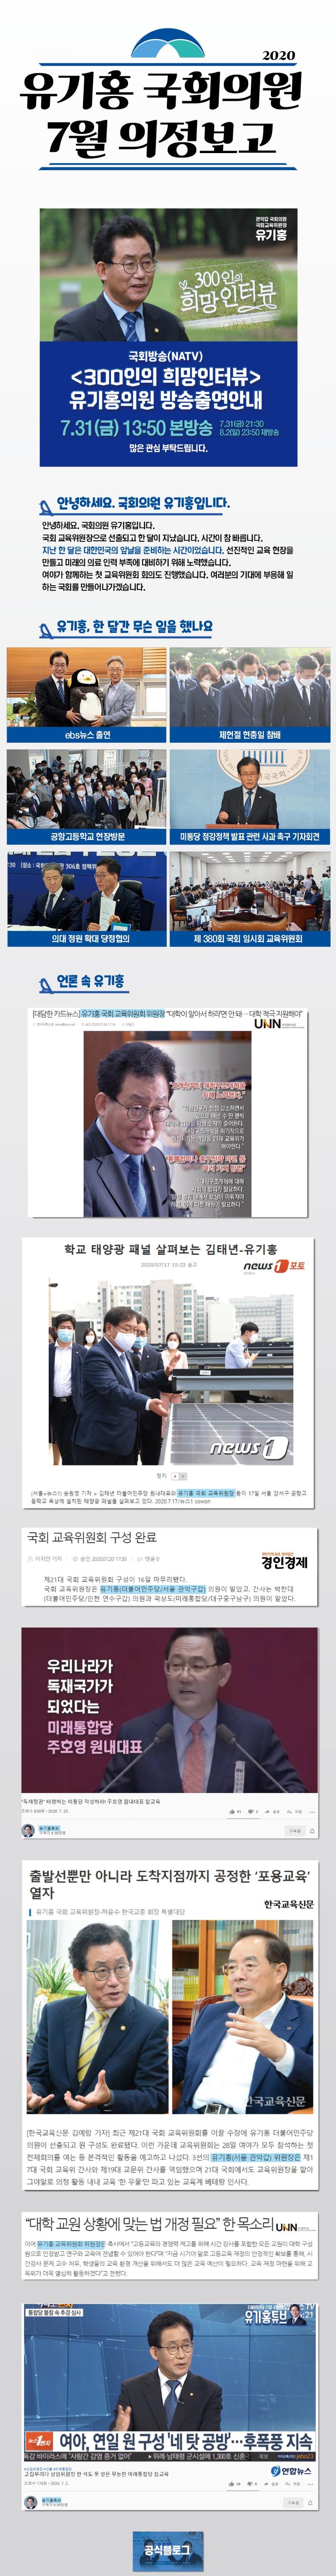 유흥기.jpg